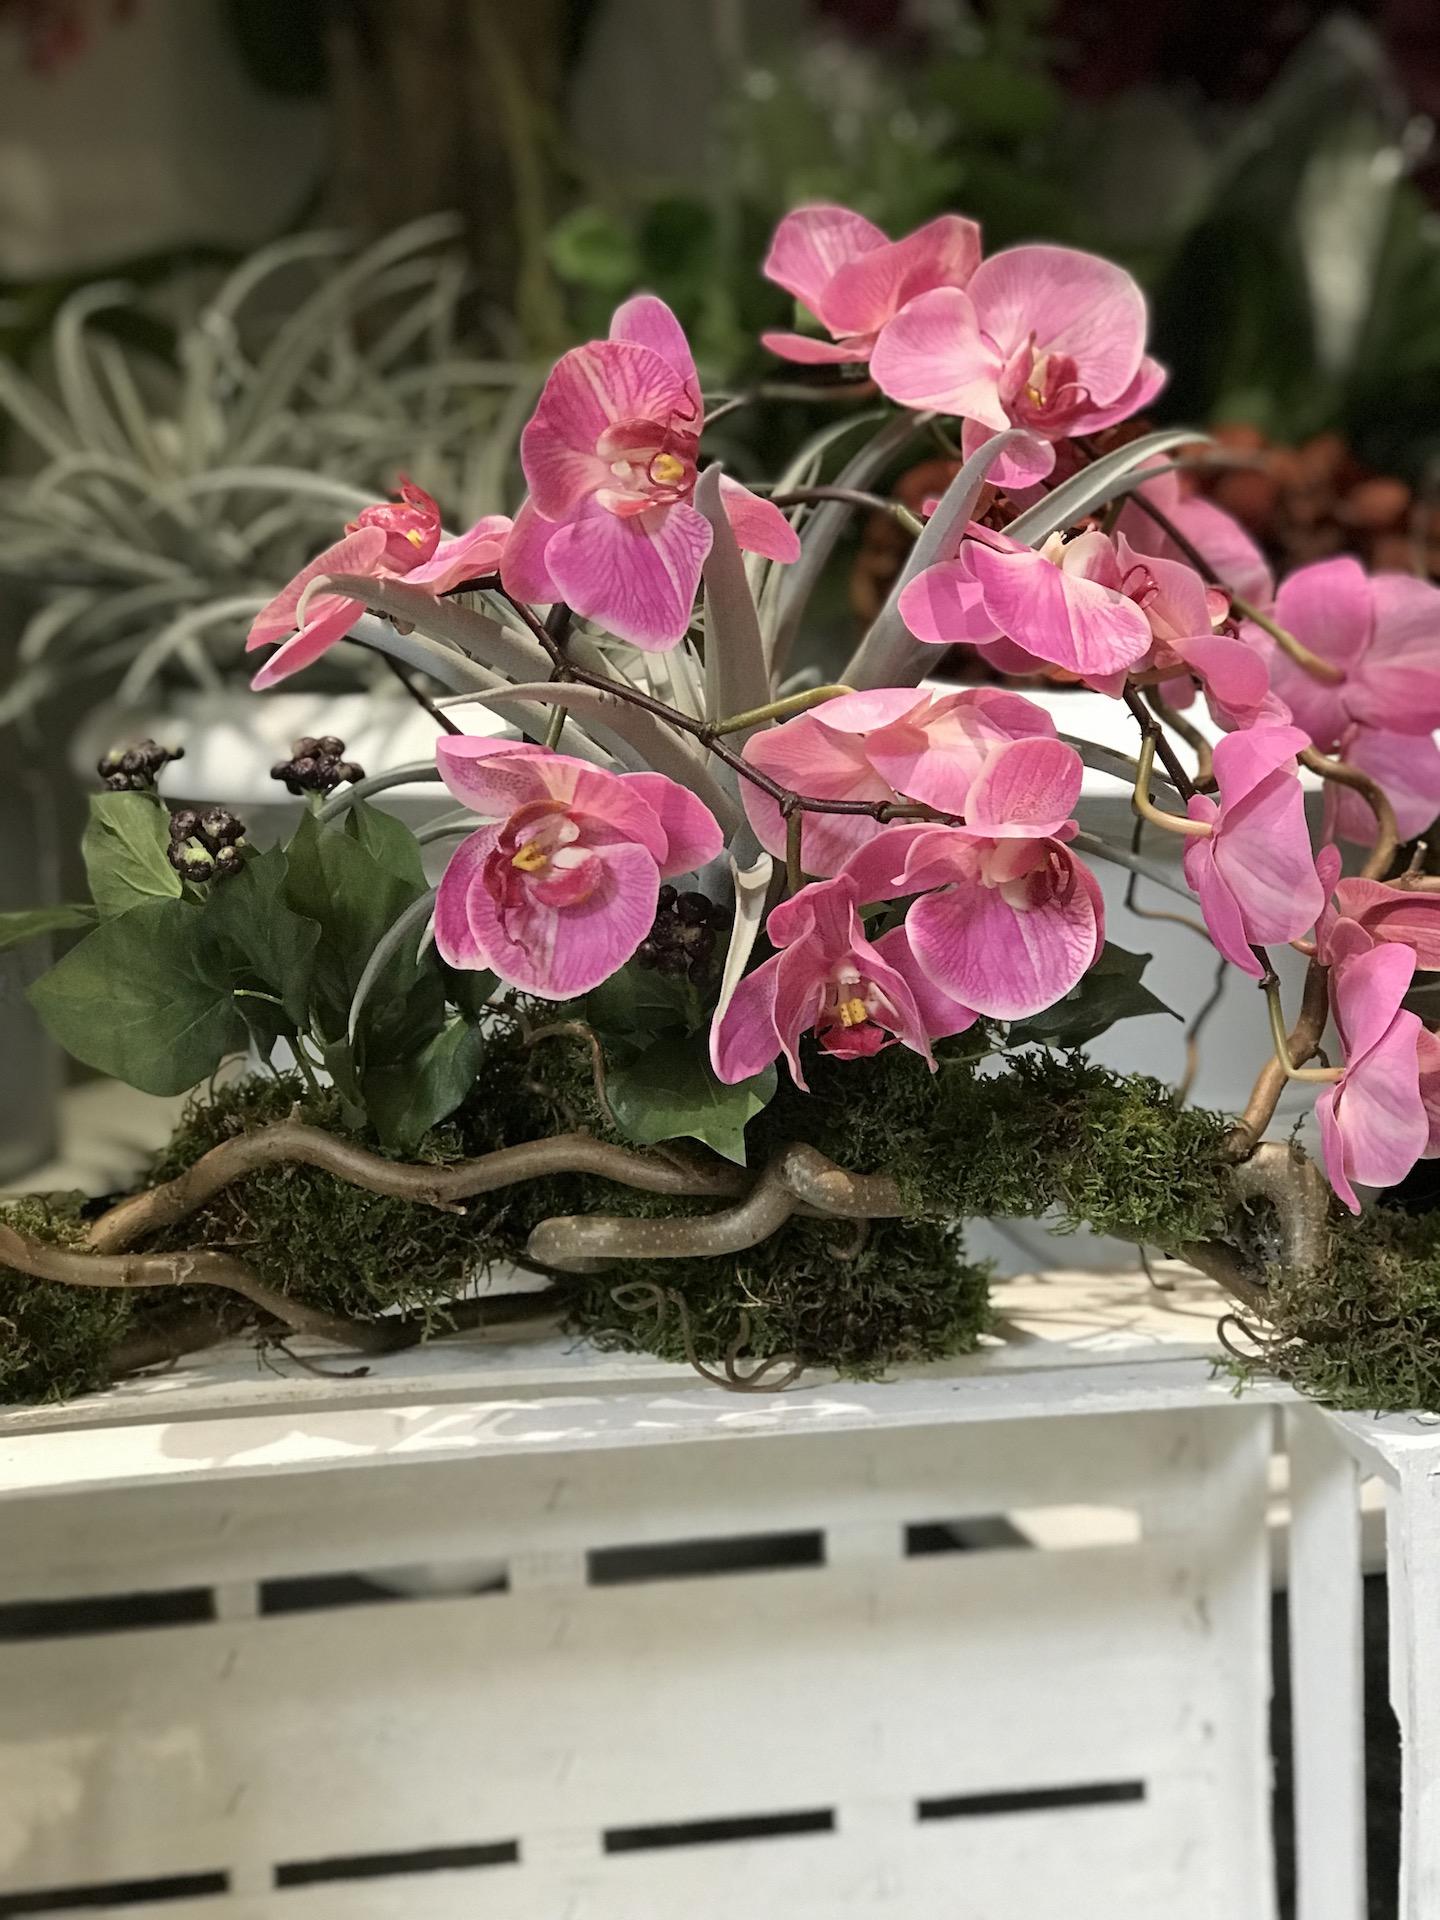 Nocciolo_contorto_orchidea_Fiori_artificiali_Deco_fleurs